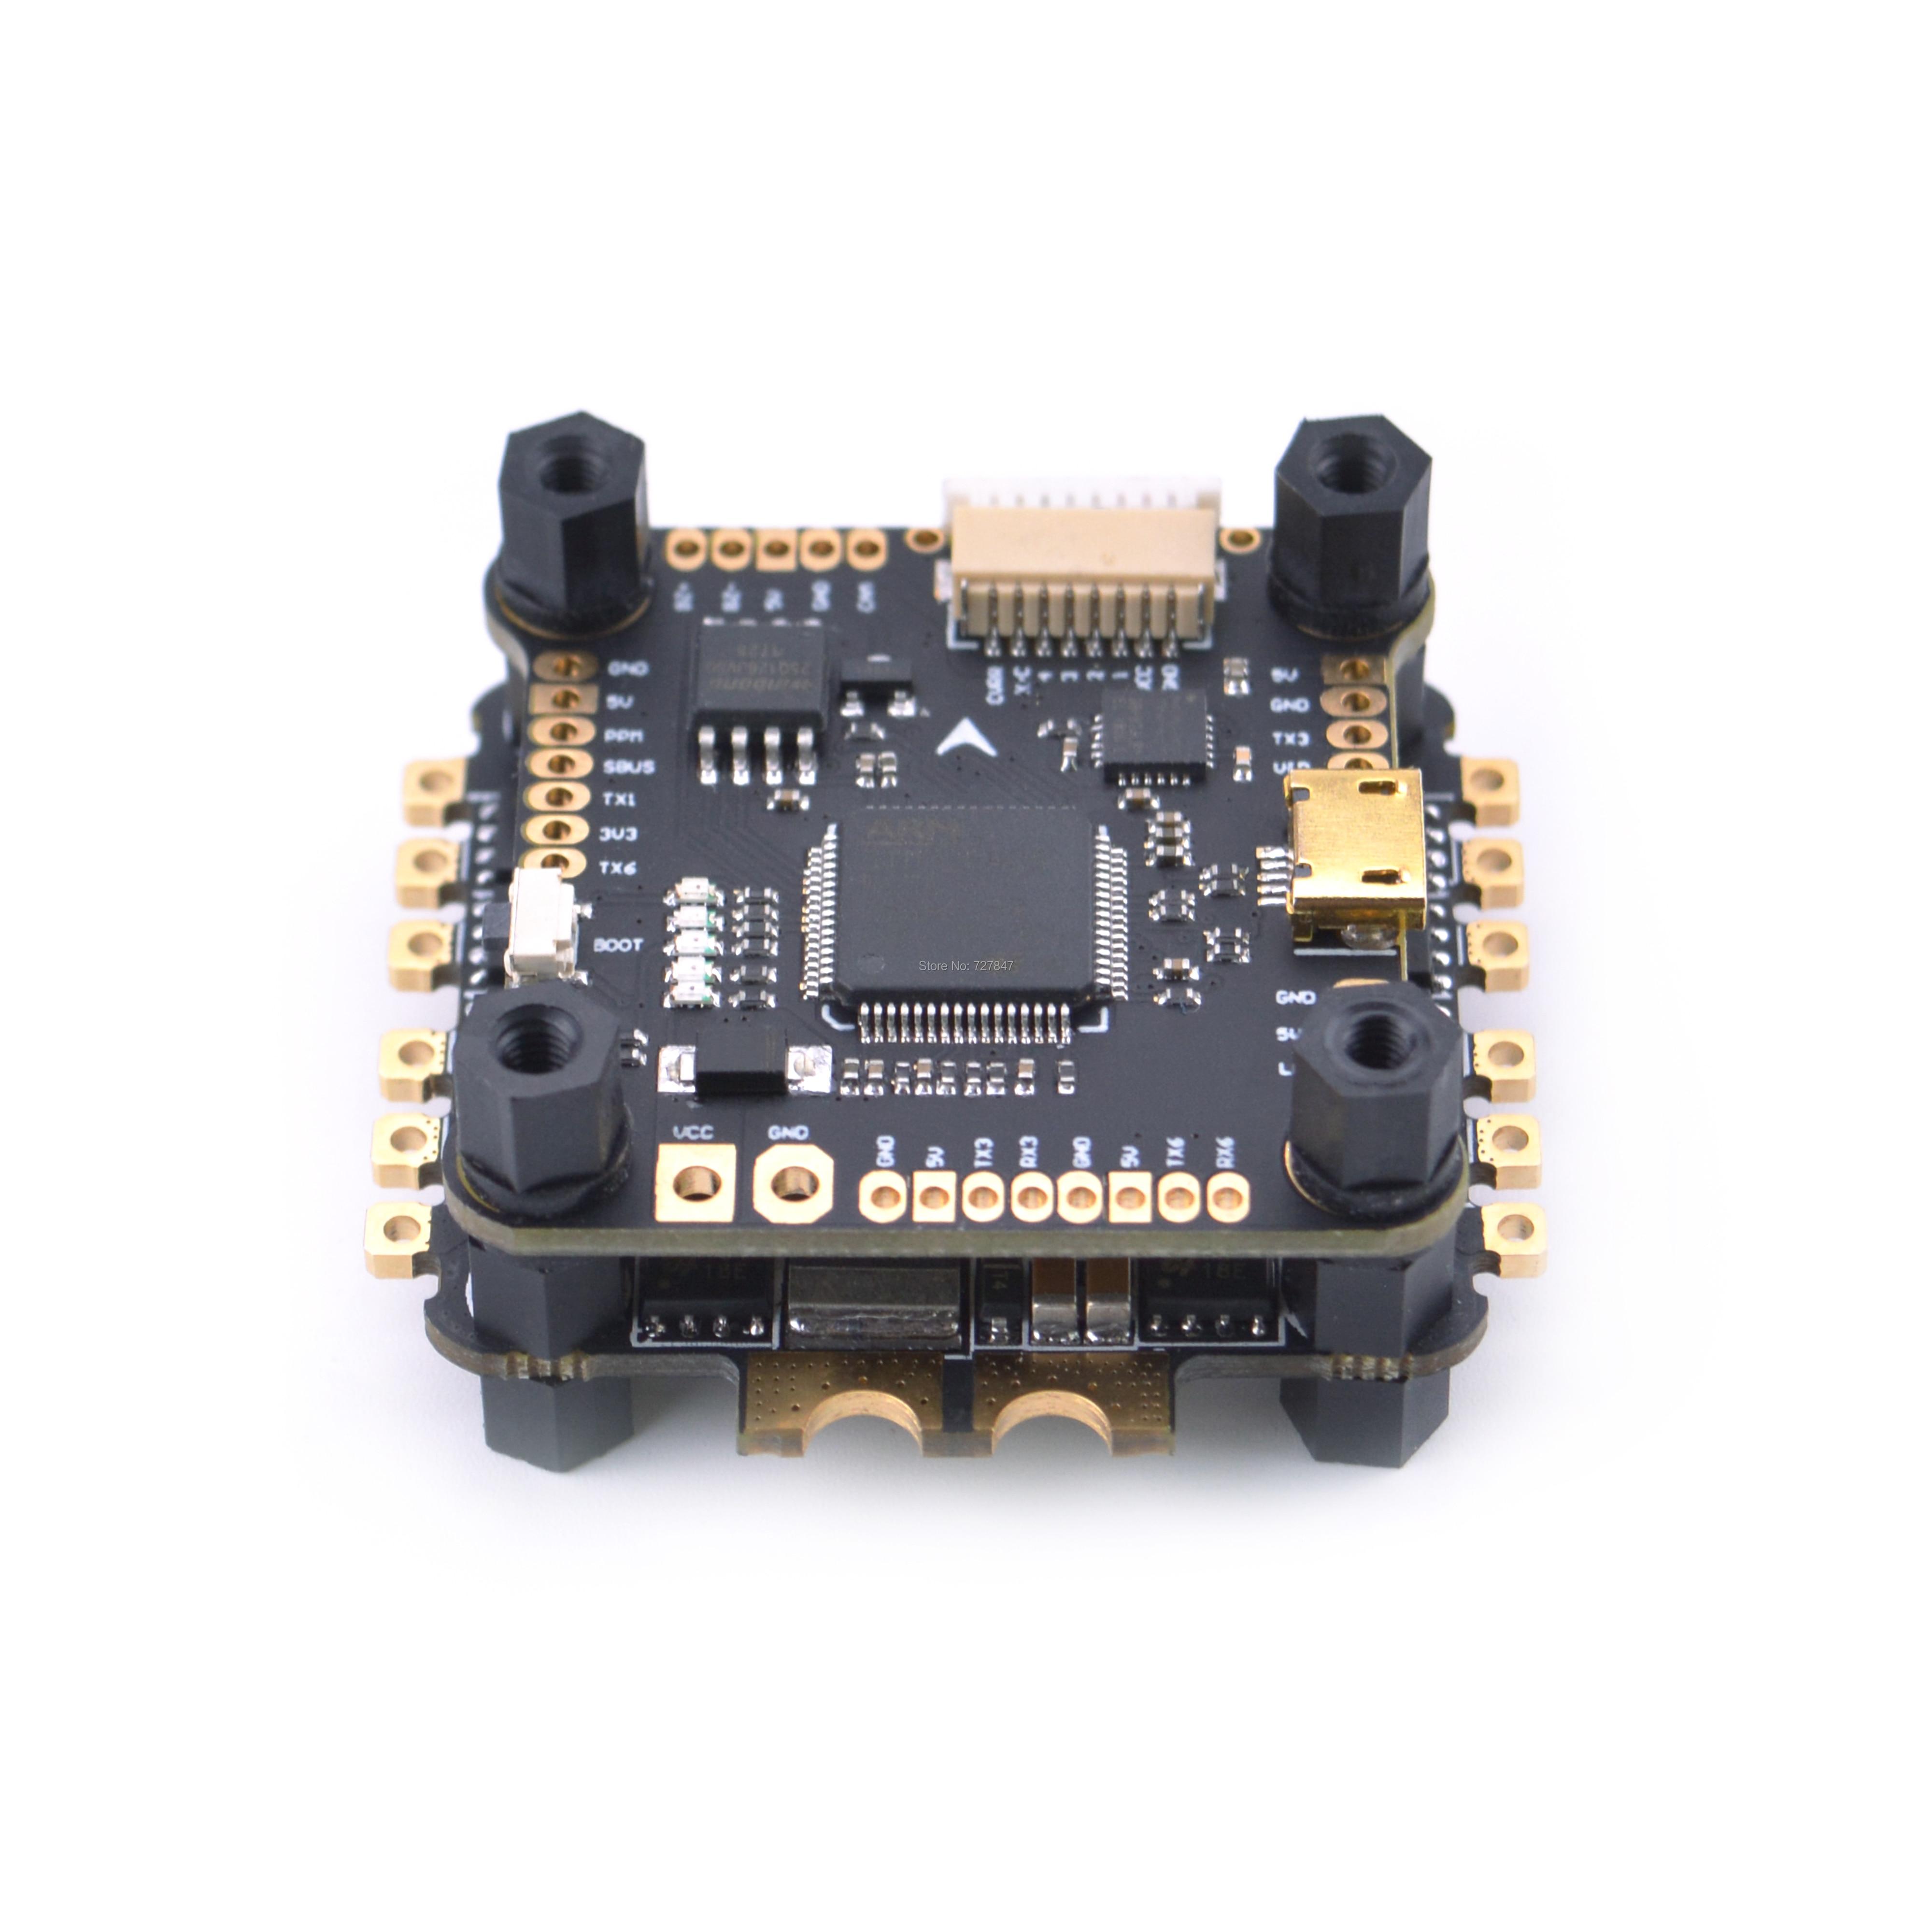 NEW Mamba F405 Flight Controller & REV35 35A BLheli_S 2-6S 4 In 1 ESC Built-in Current Sensor Brushless ESC For RC Model